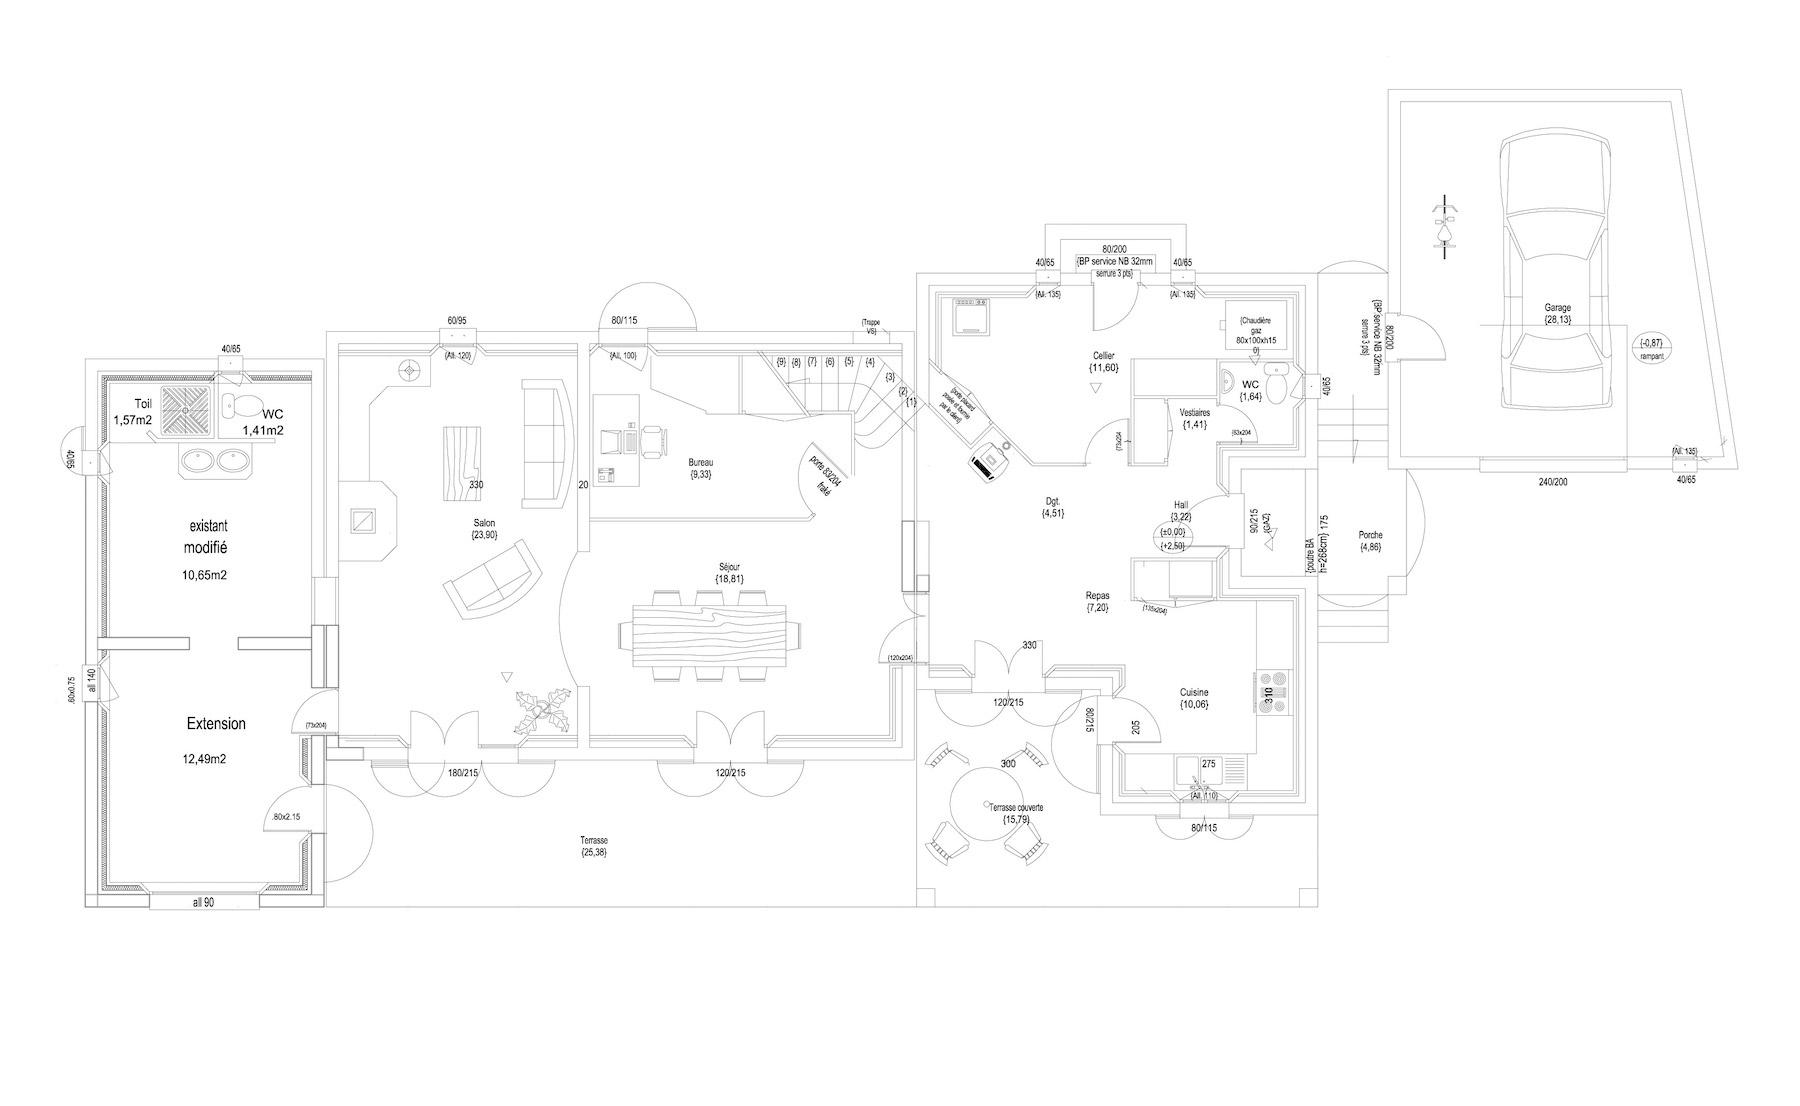 agrandissement-maisons-renov-extension-maison-bastide-salon-de-provence